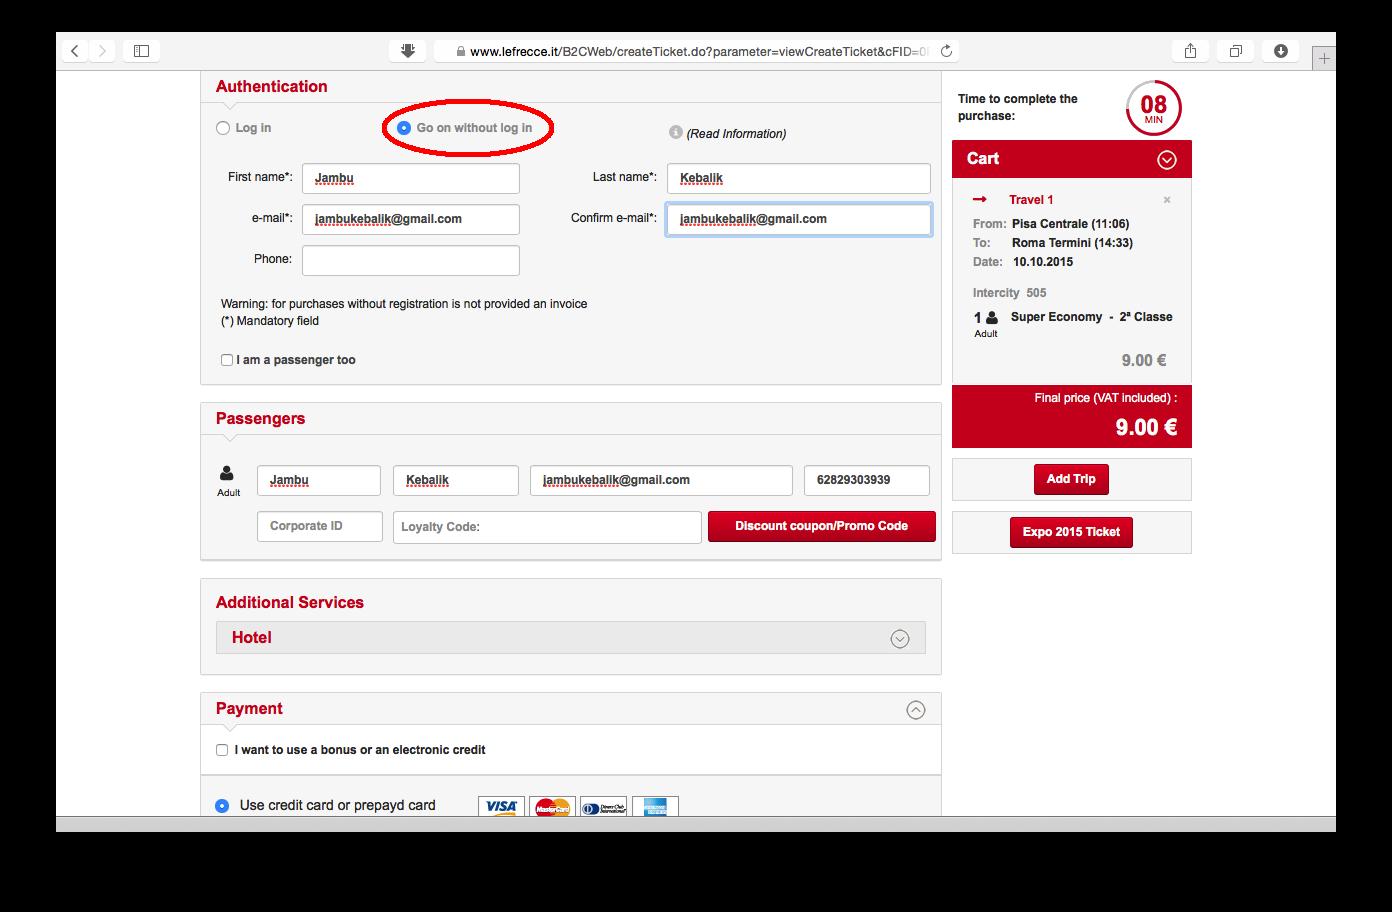 Tampilan web Trenitalia: memasukkan data pribadi